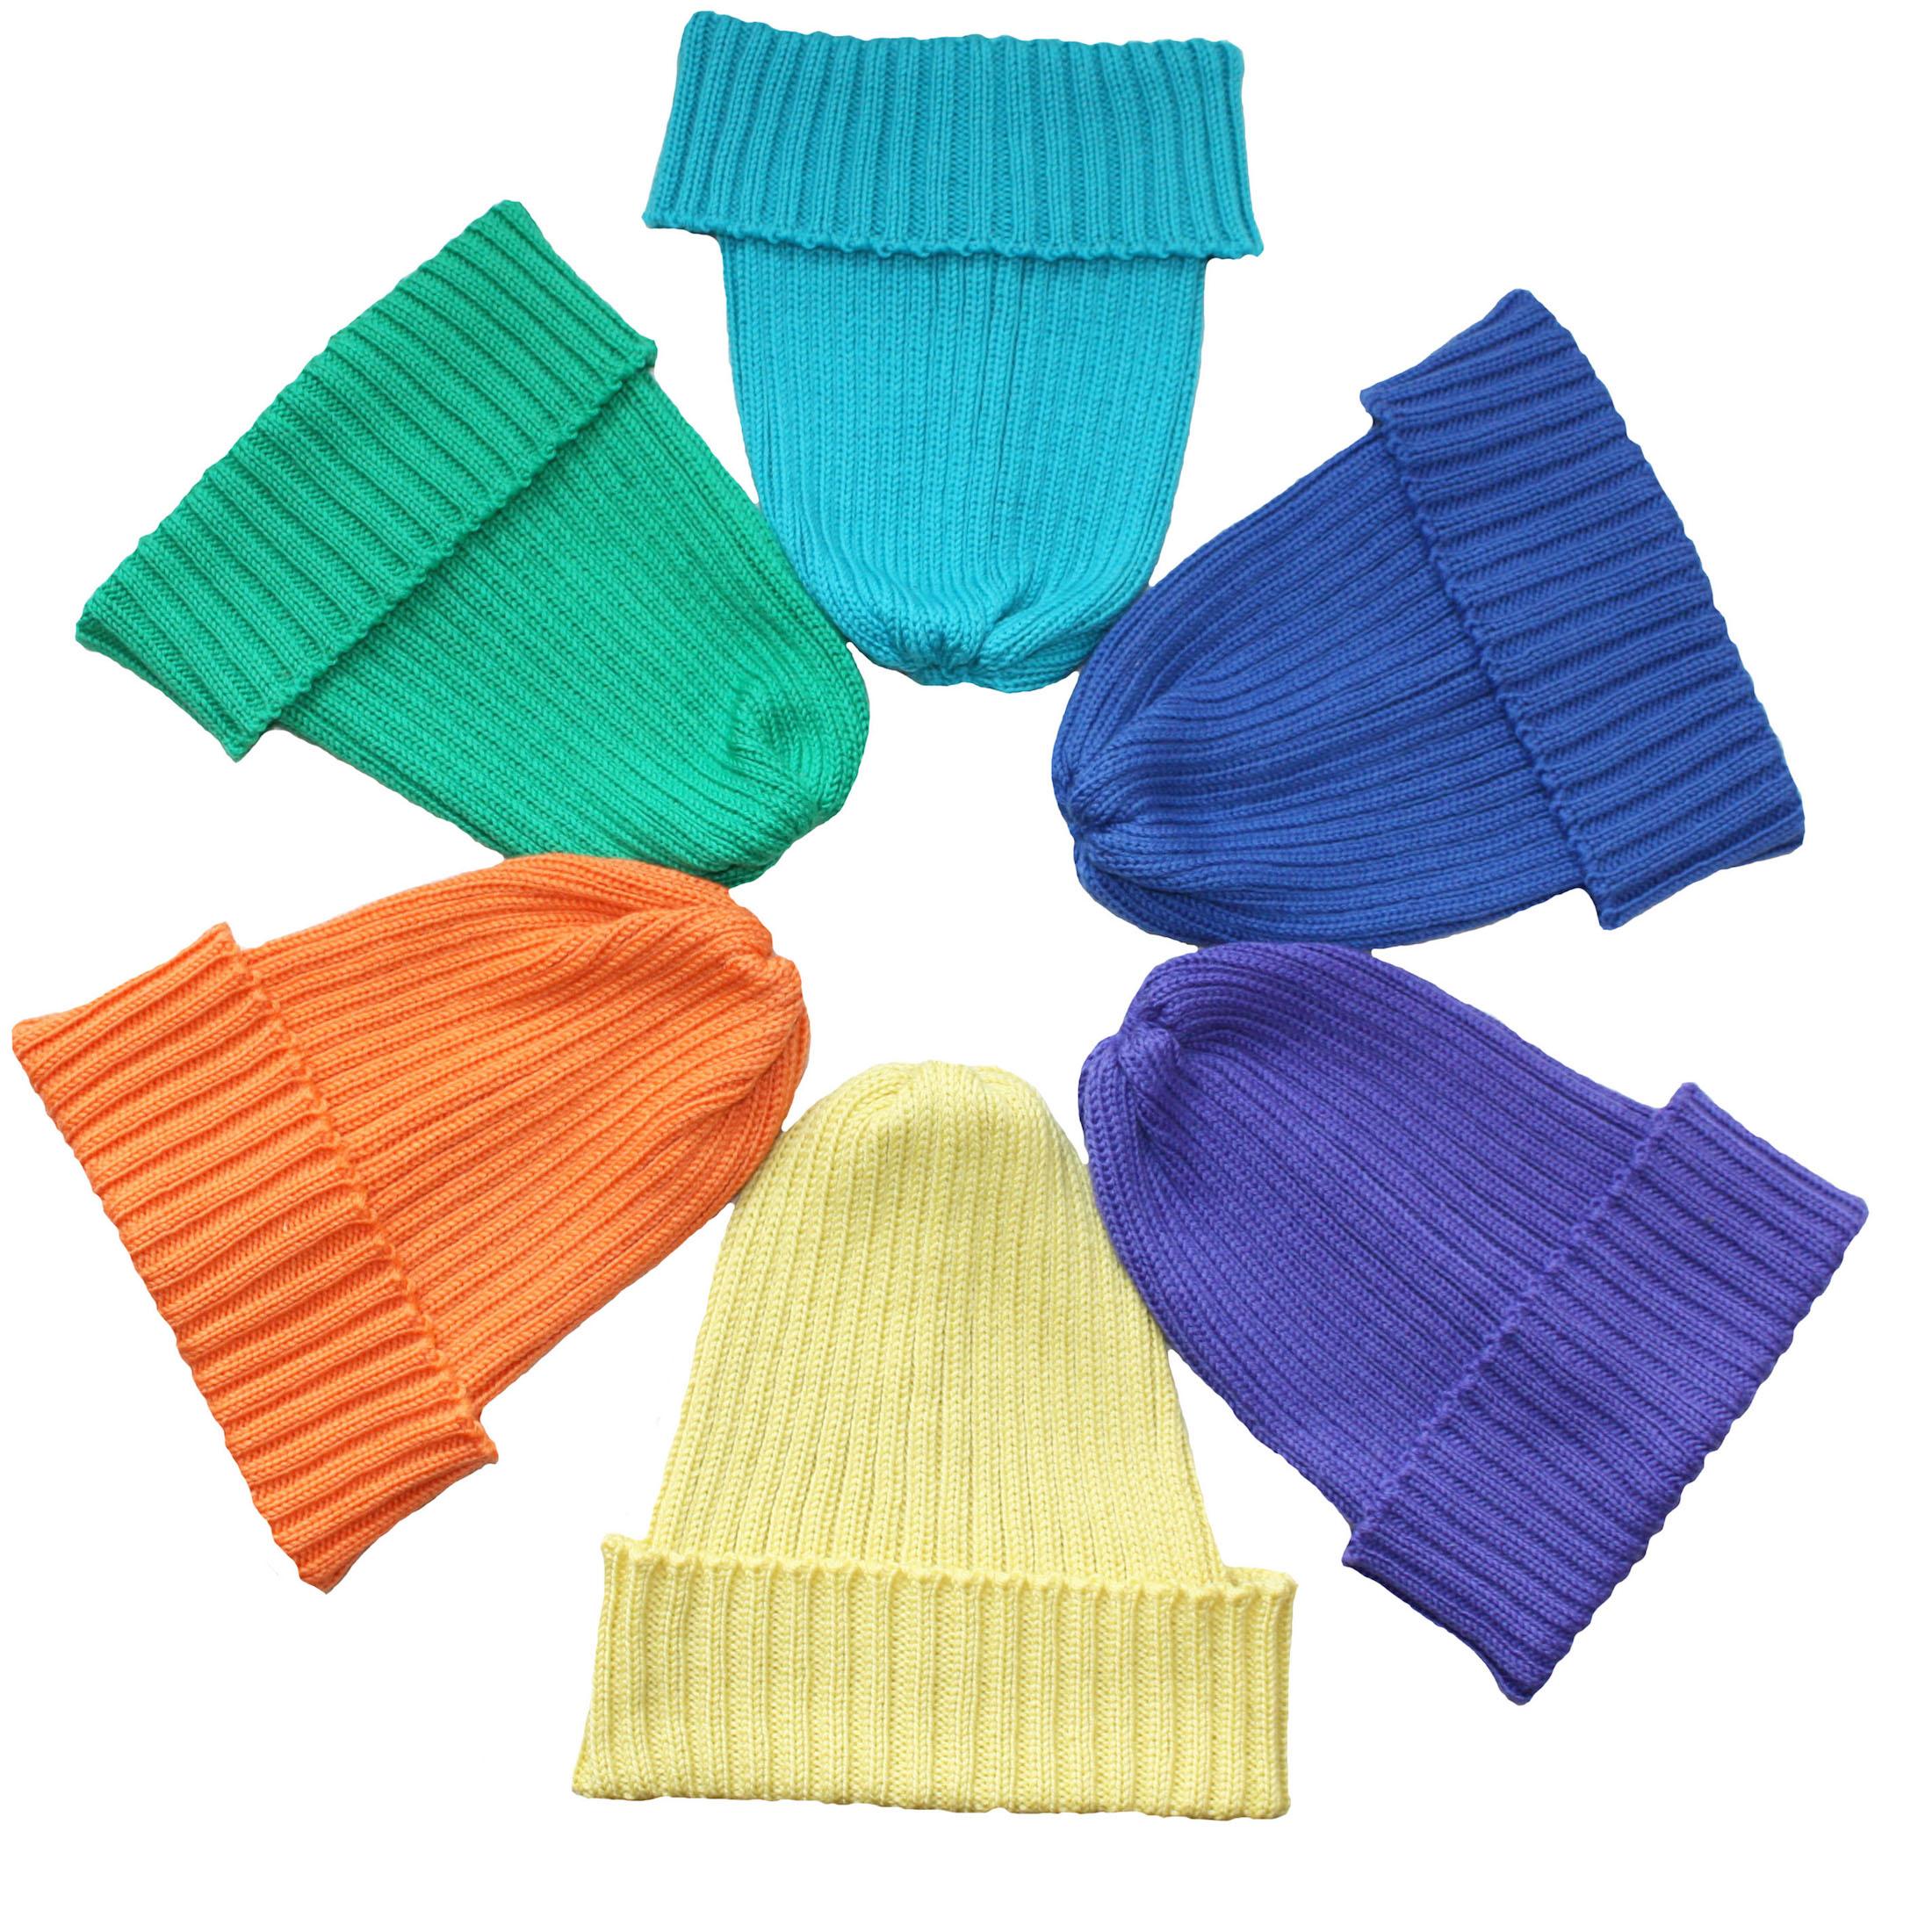 Happy Knitwear